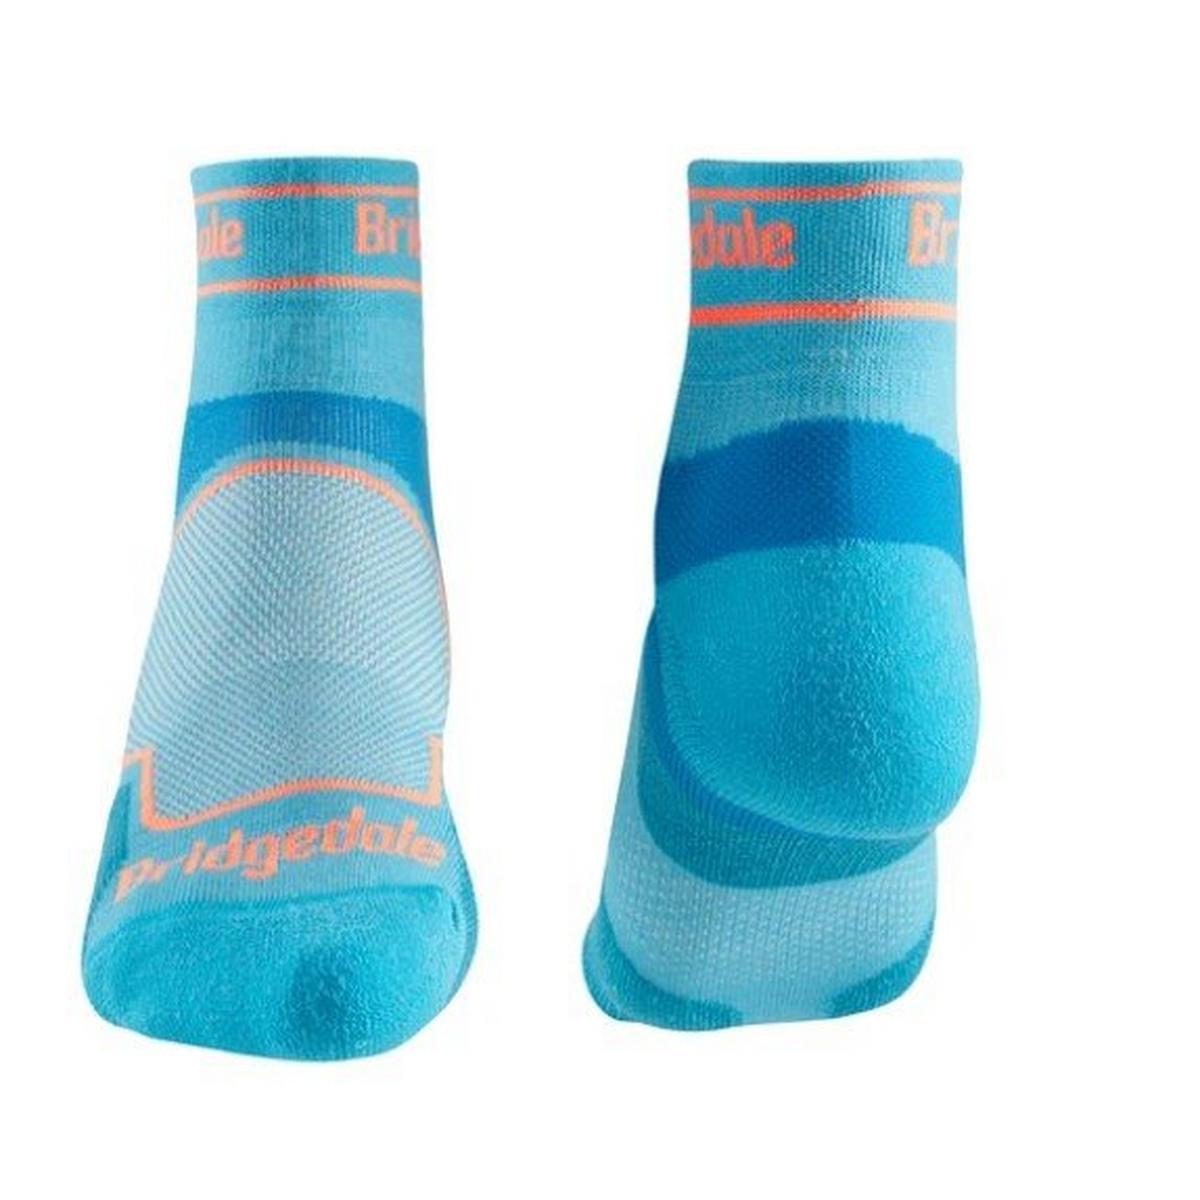 Bridgedale Women's Coolmax Sport Ultralight T2 Low - Blue